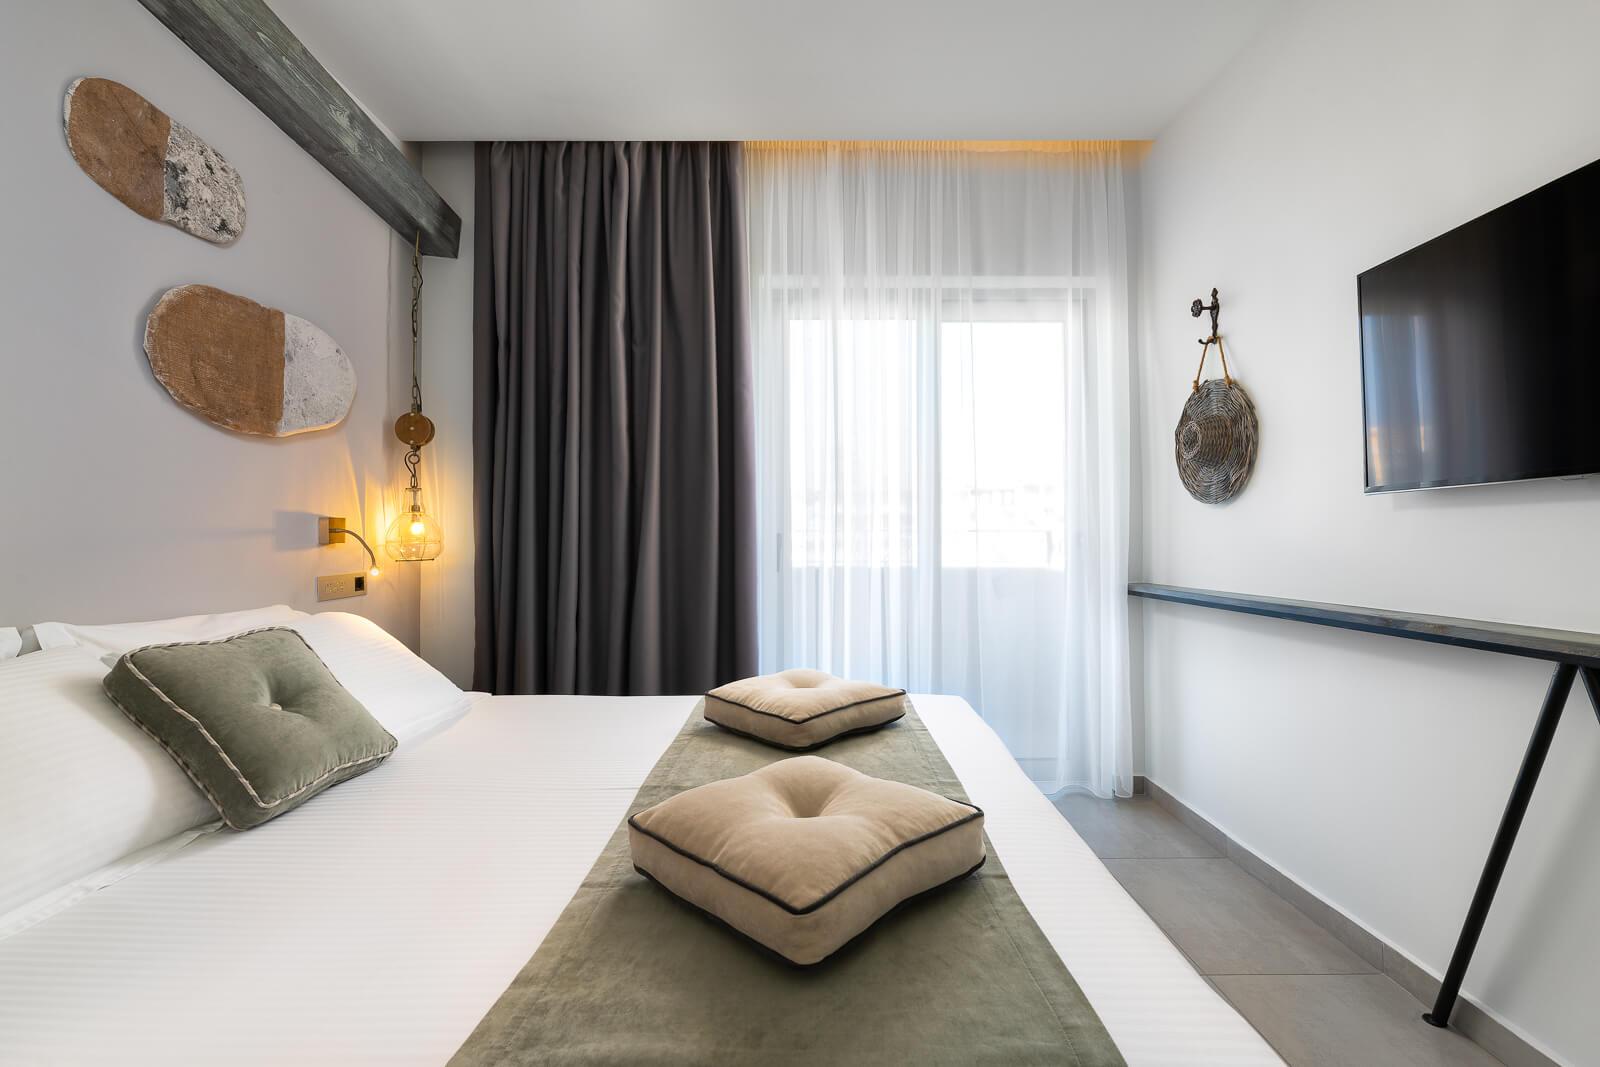 Kavos-Hotel-Room-Elakati-Hotel-in-Rhodes